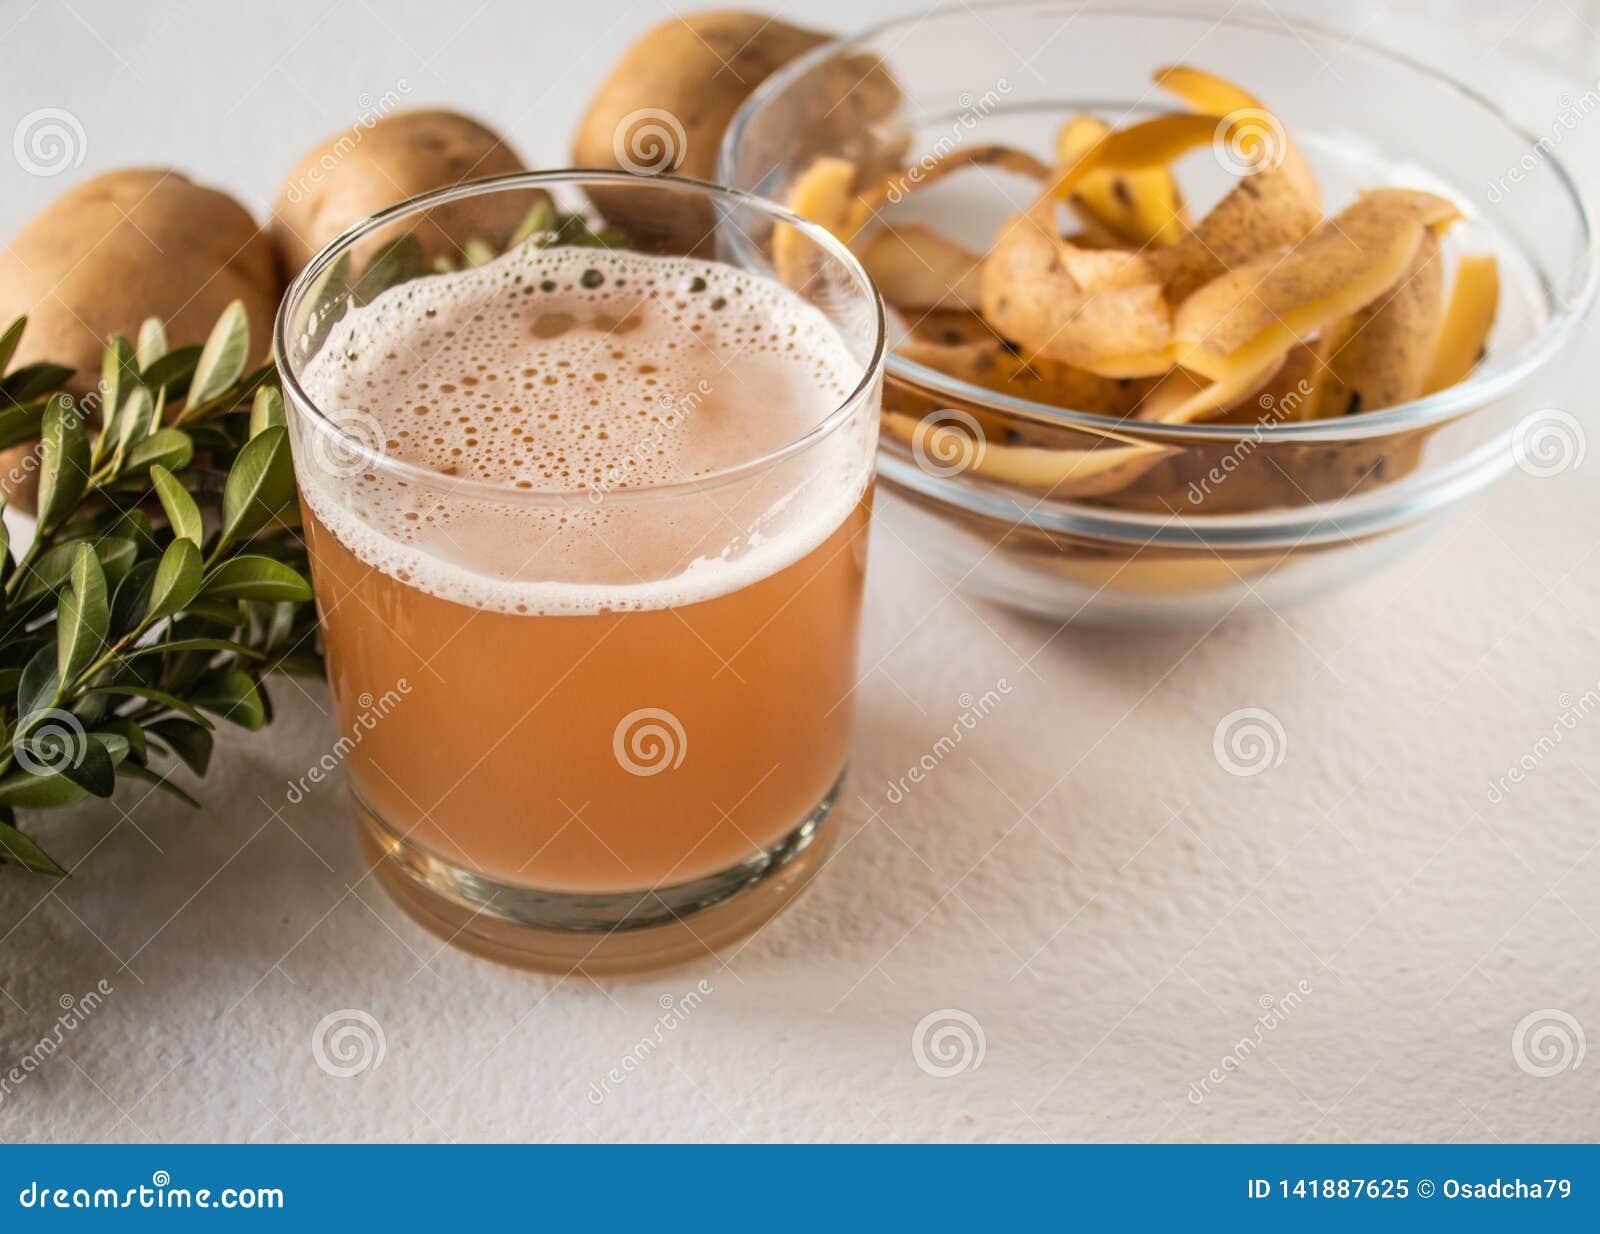 在一块玻璃的土豆汁在整个土豆和skarlupa附近